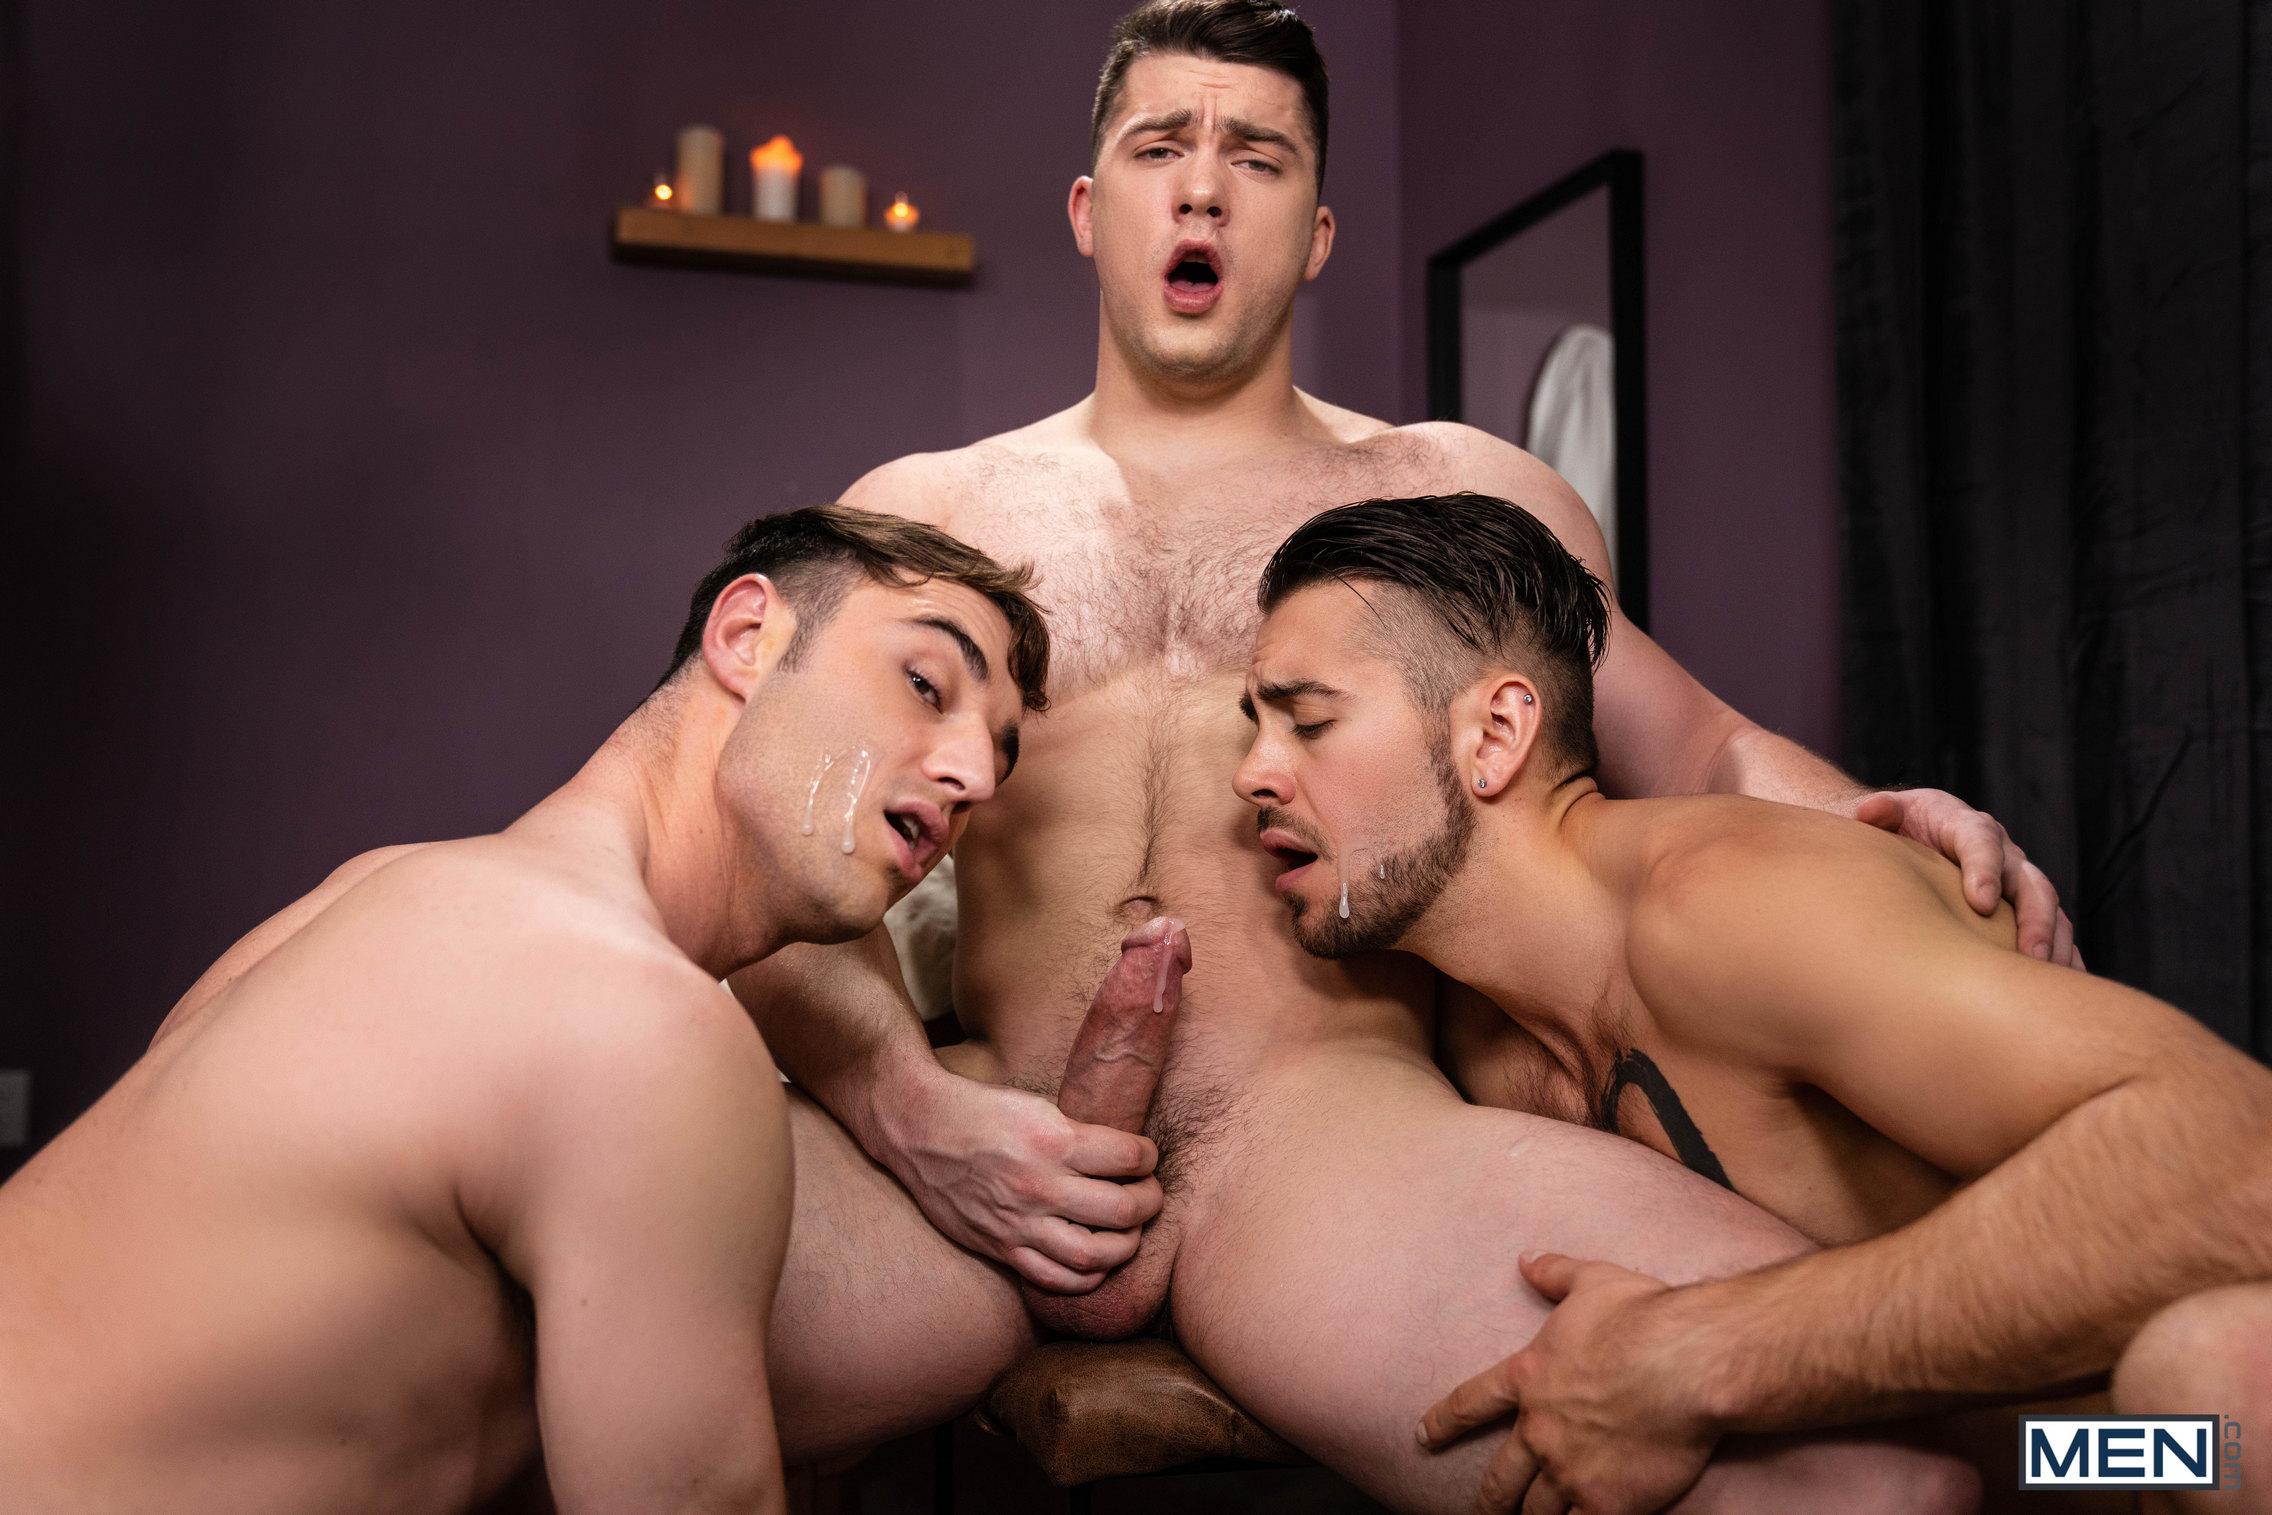 erotico porn erotica hard